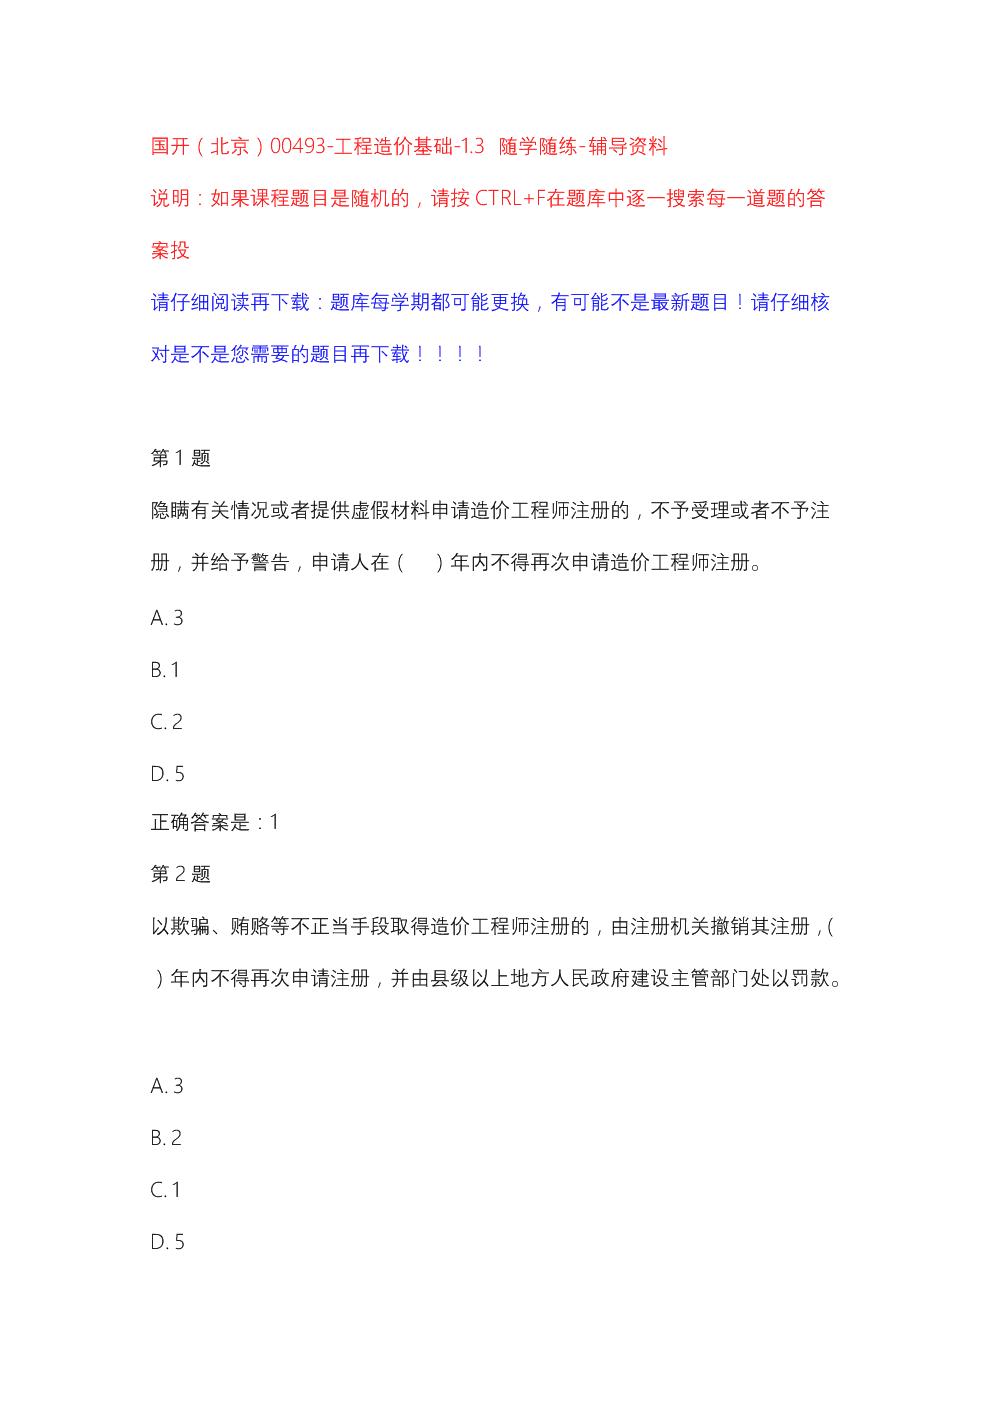 国开(北京)00493-工程造价基础-1.3 随学随练-辅导资料.docx